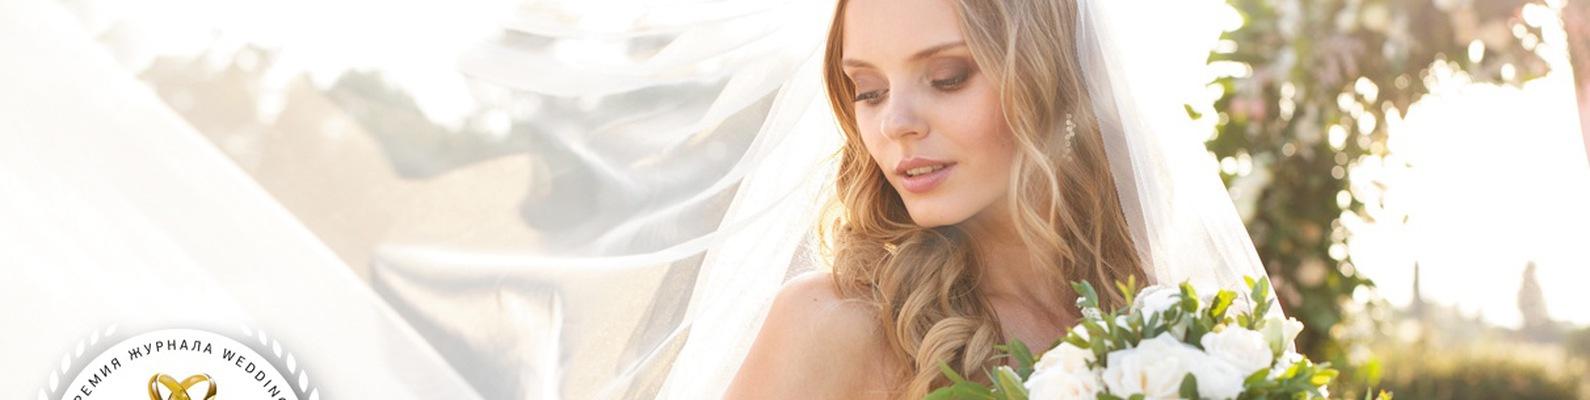 Журнал ваша свадьба омск подать объявление дать объявление об услугах бесплатно санкт петербург